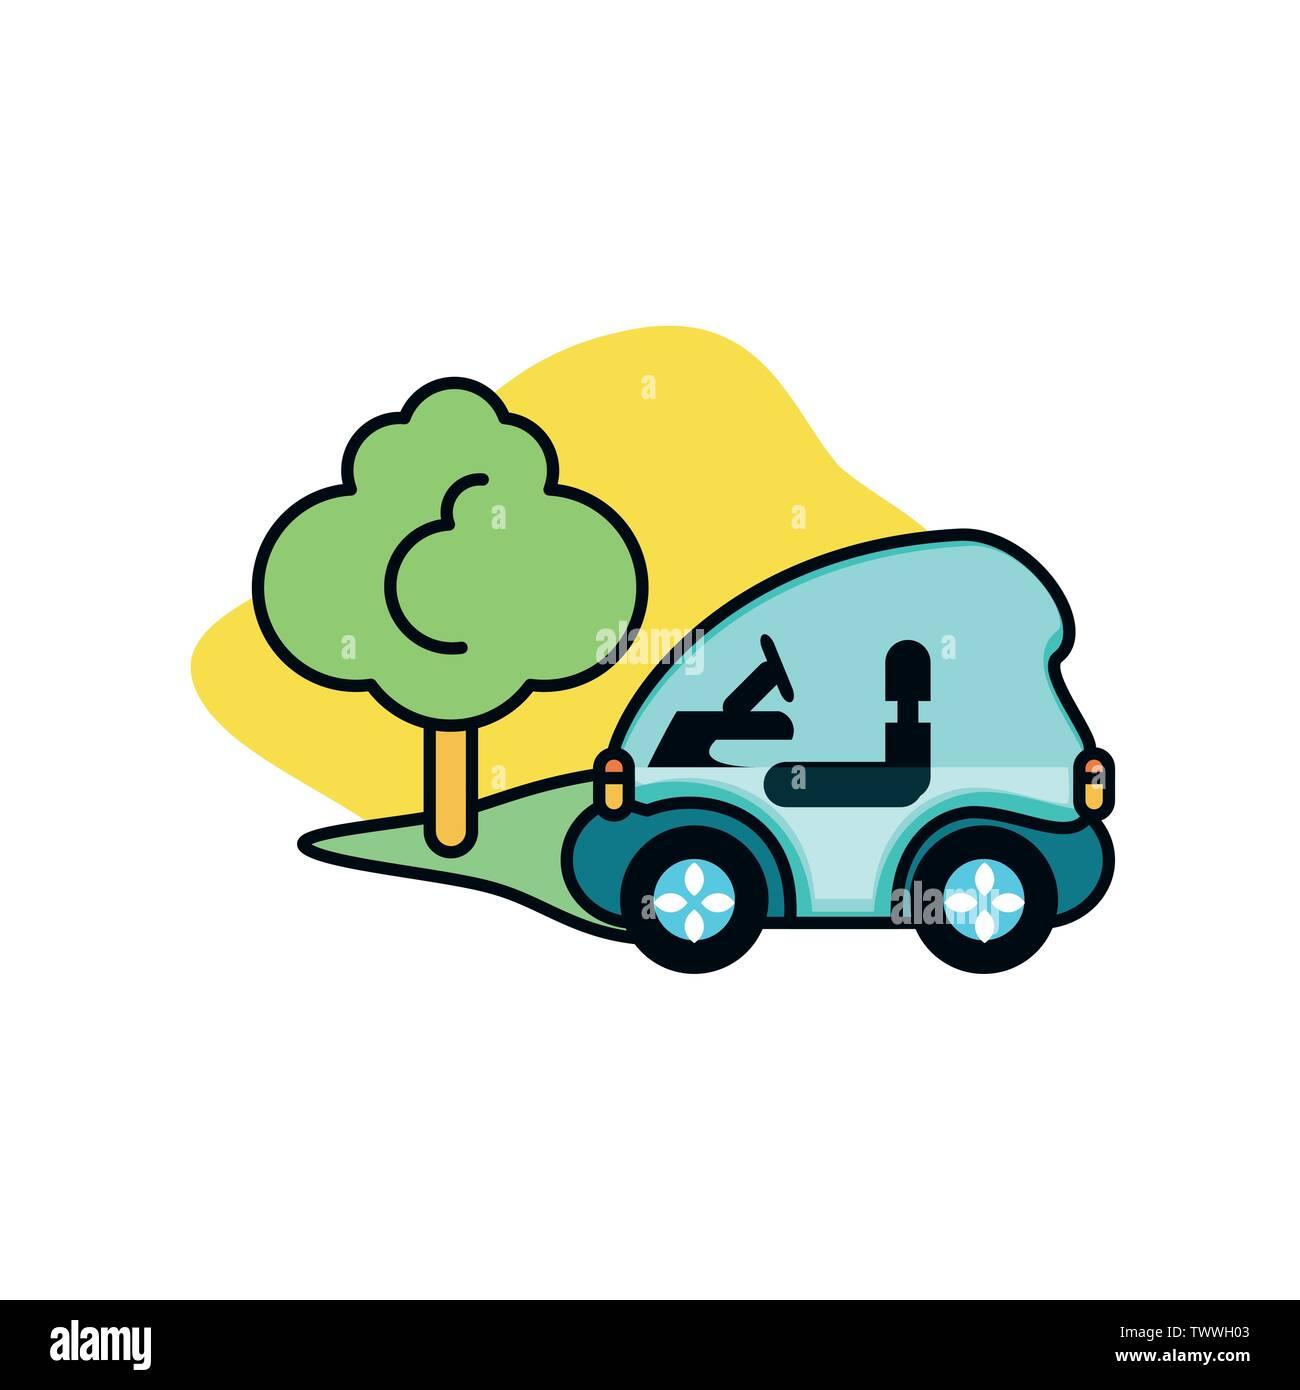 Voiture et tree Design, Eco city sauver la planète penser vert et de recyclage thème Vector illustration Photo Stock